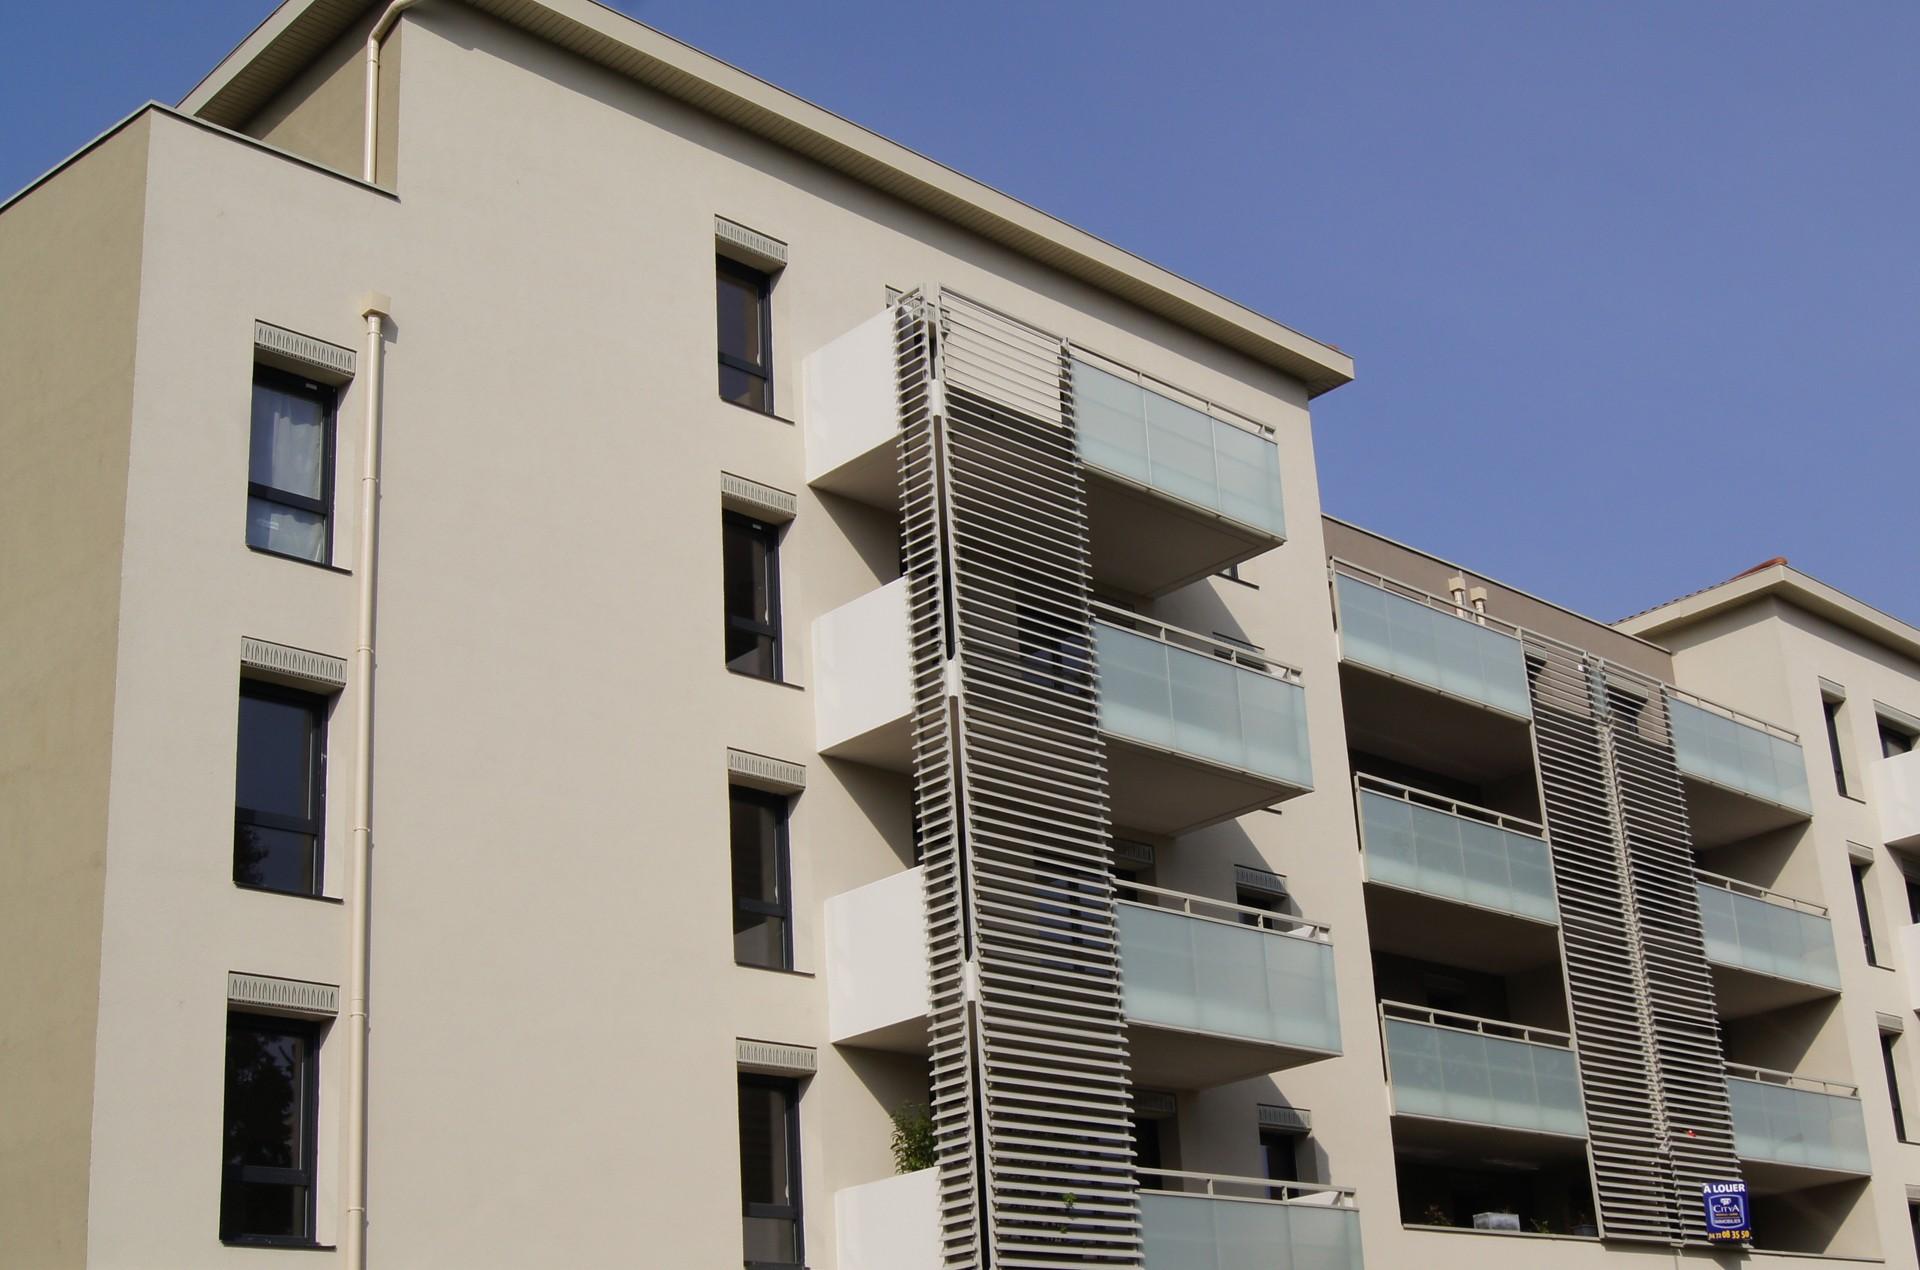 architec-moulin-du-foulon-logements-facade-volet